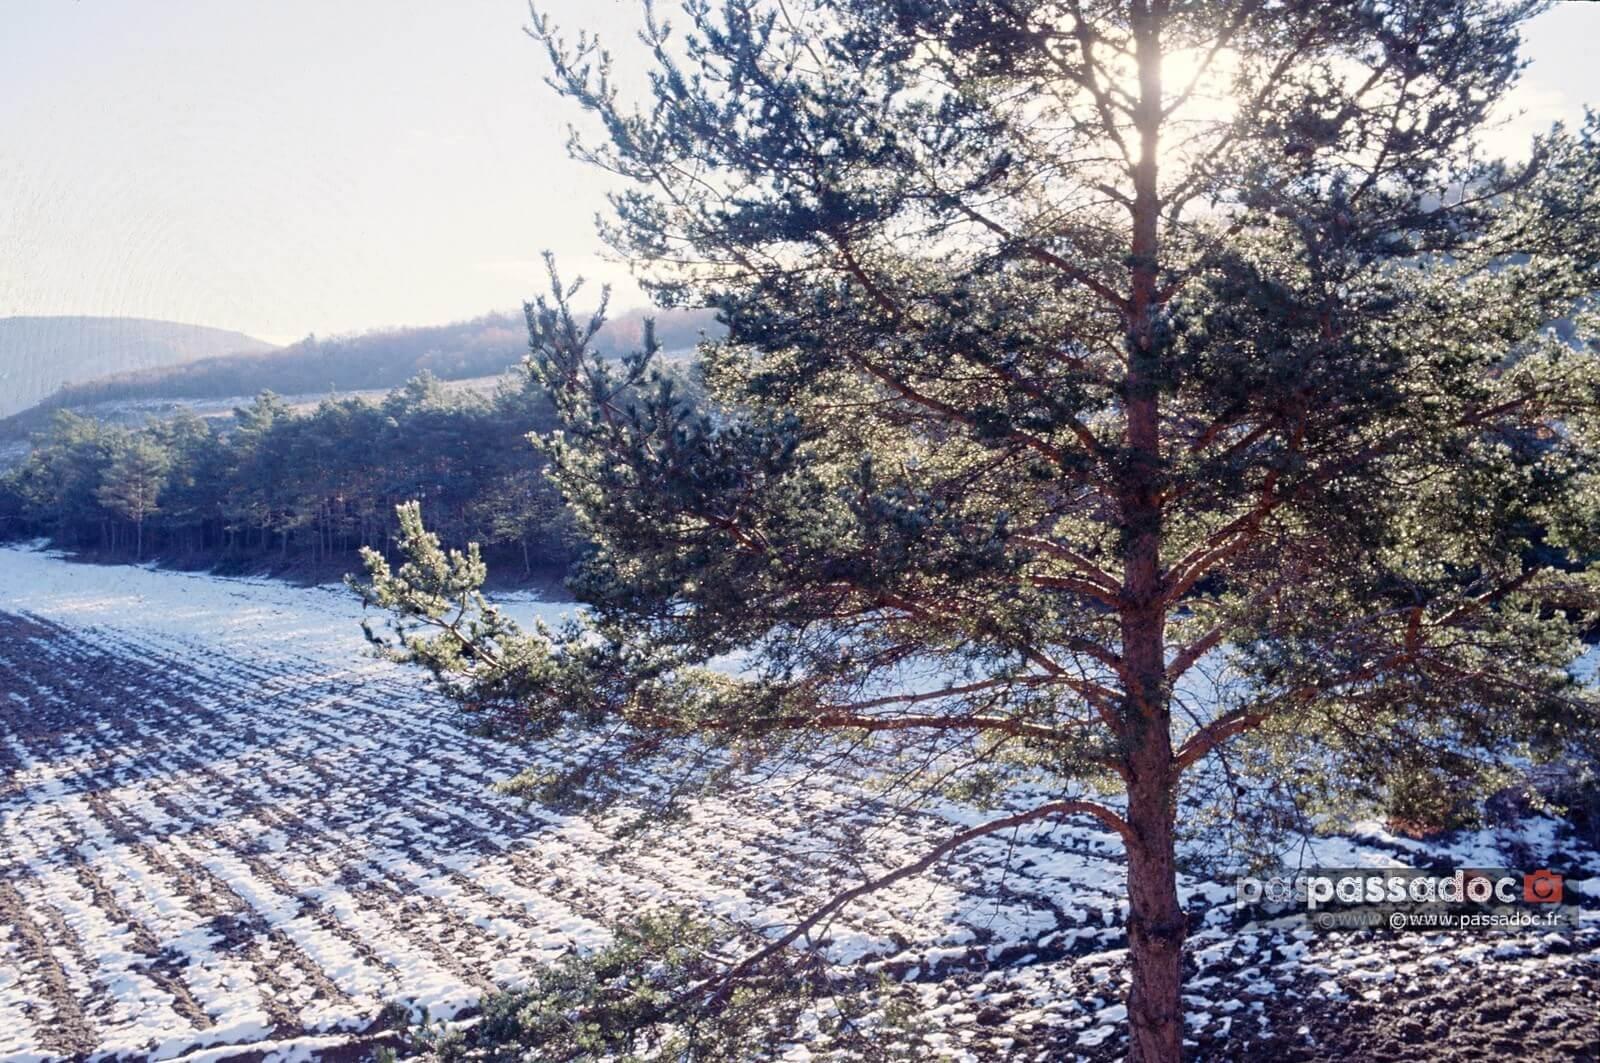 Un pin sylvestre sous la neige à Bargeme Var - photo André Abbe.jpg